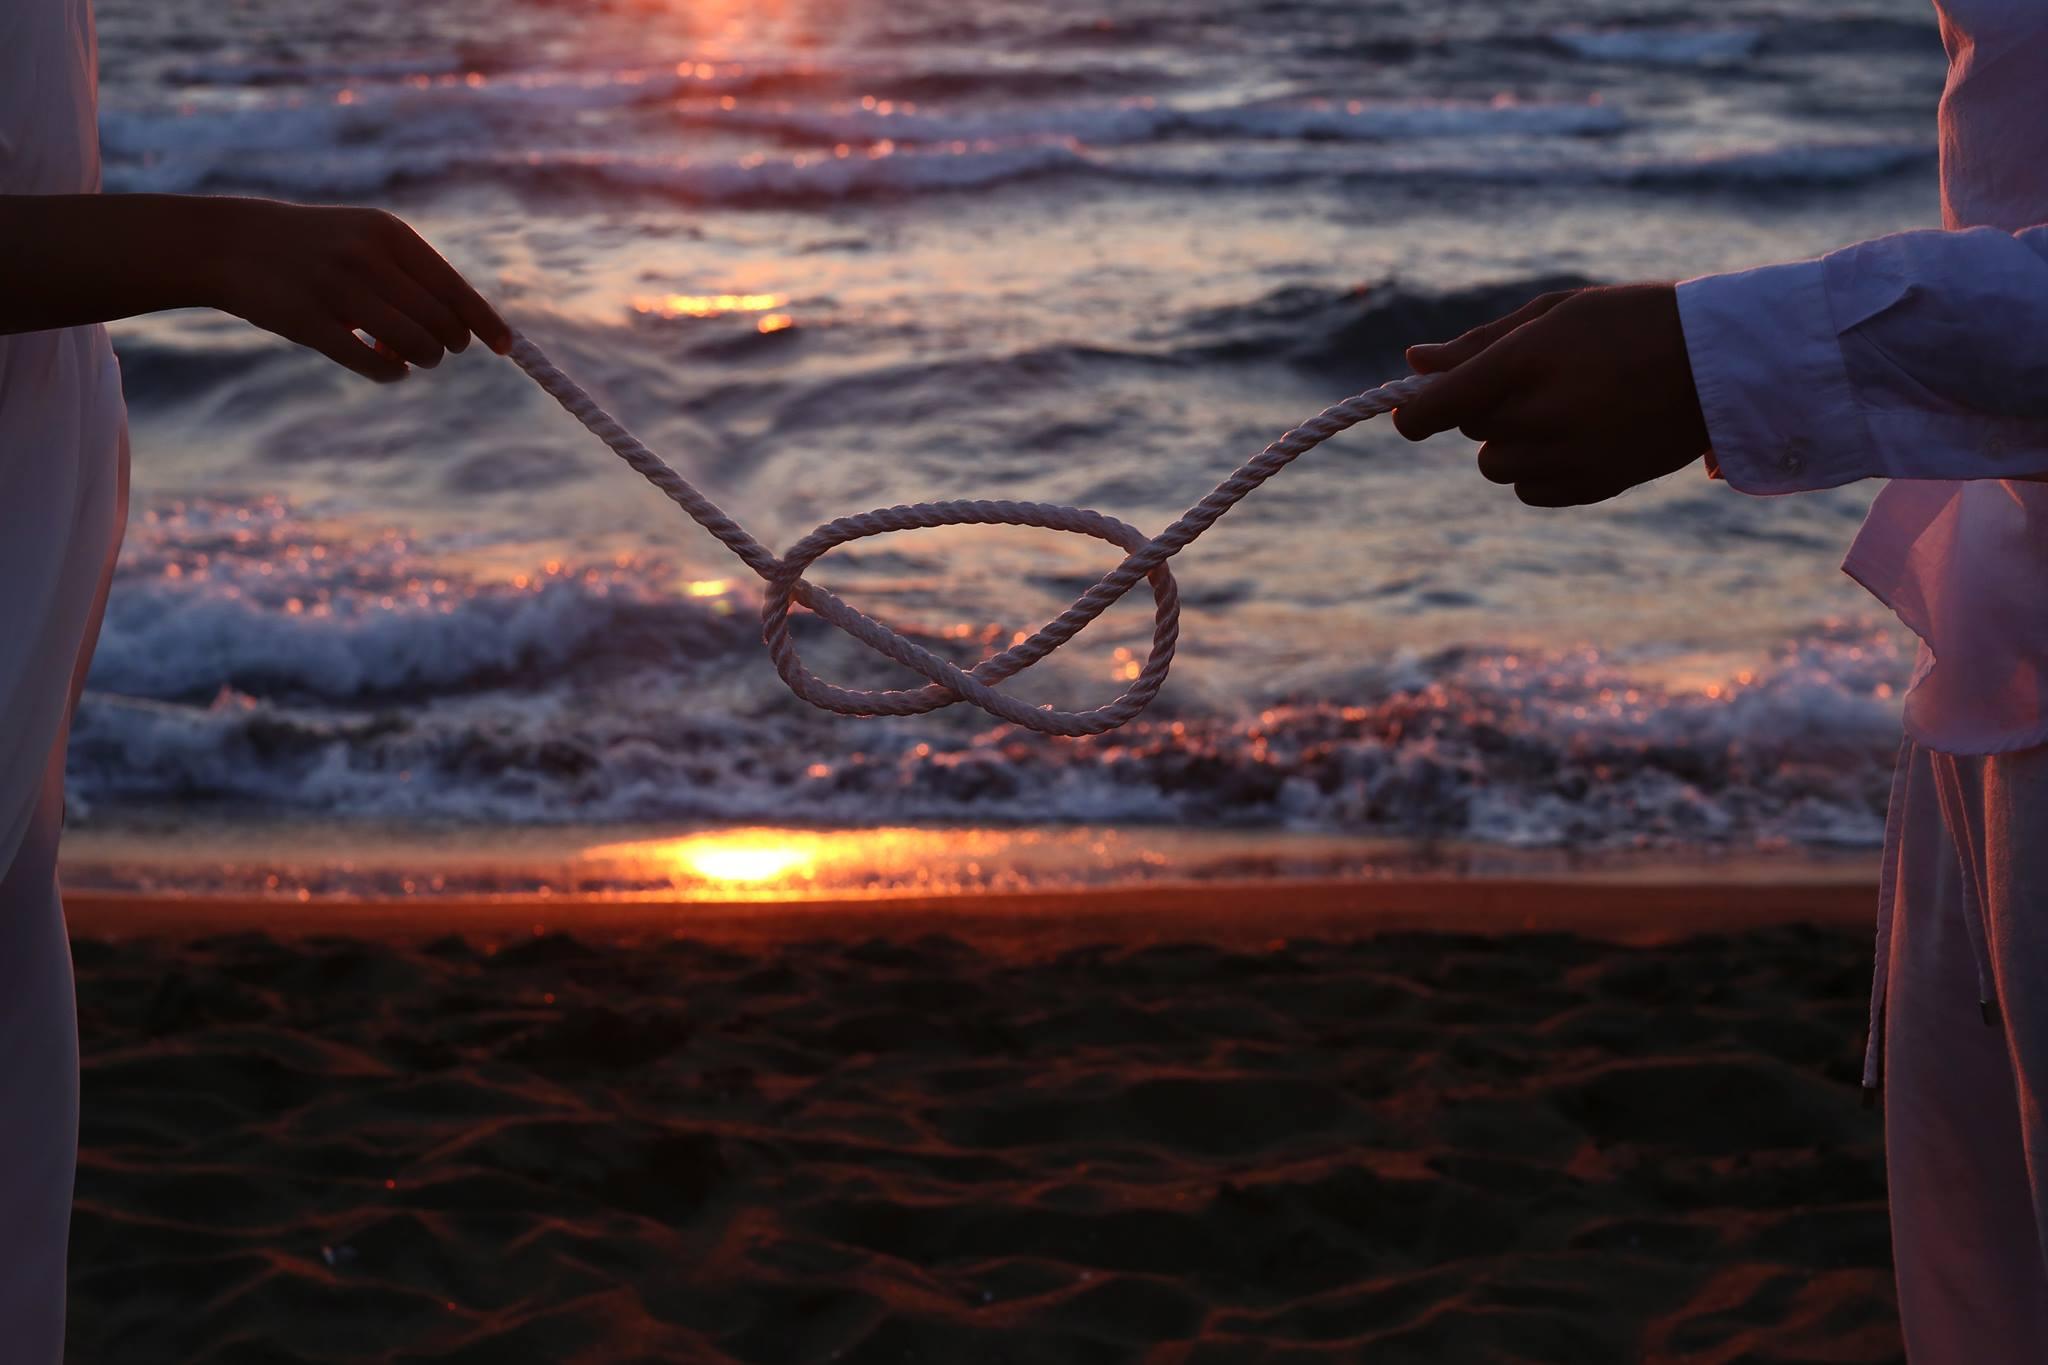 Matrimonio Spiaggia Rito Civile : Rito matrimonio spiaggia procida cerimoniavip